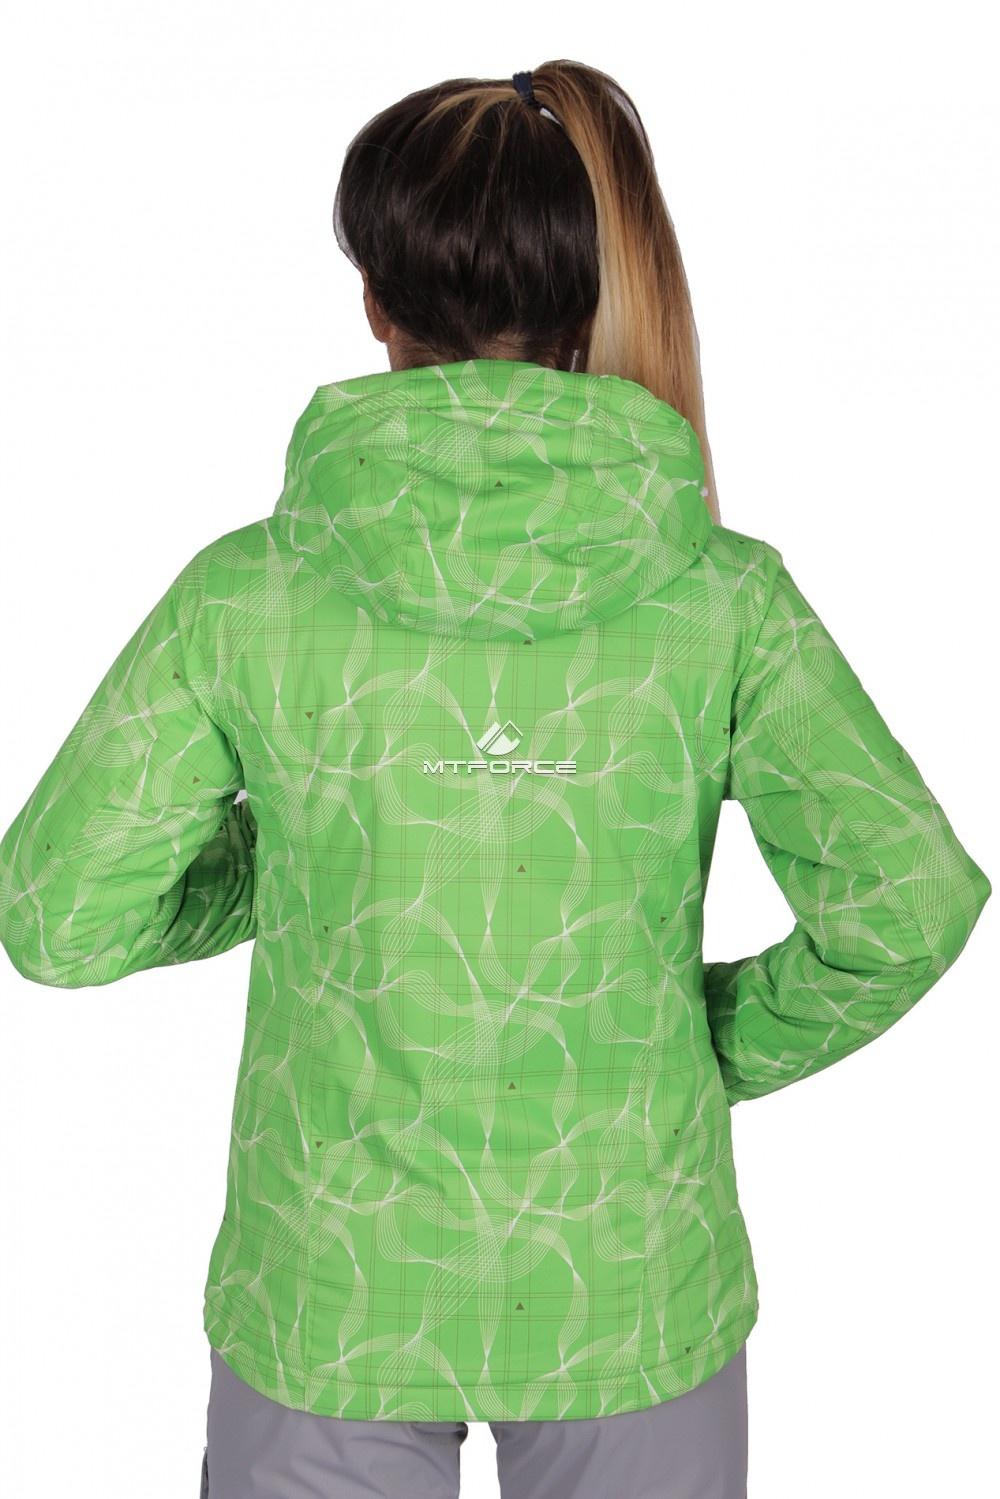 Купить оптом Куртка спортивная женская демисезонная салатового цвета 1710Sl в Перми